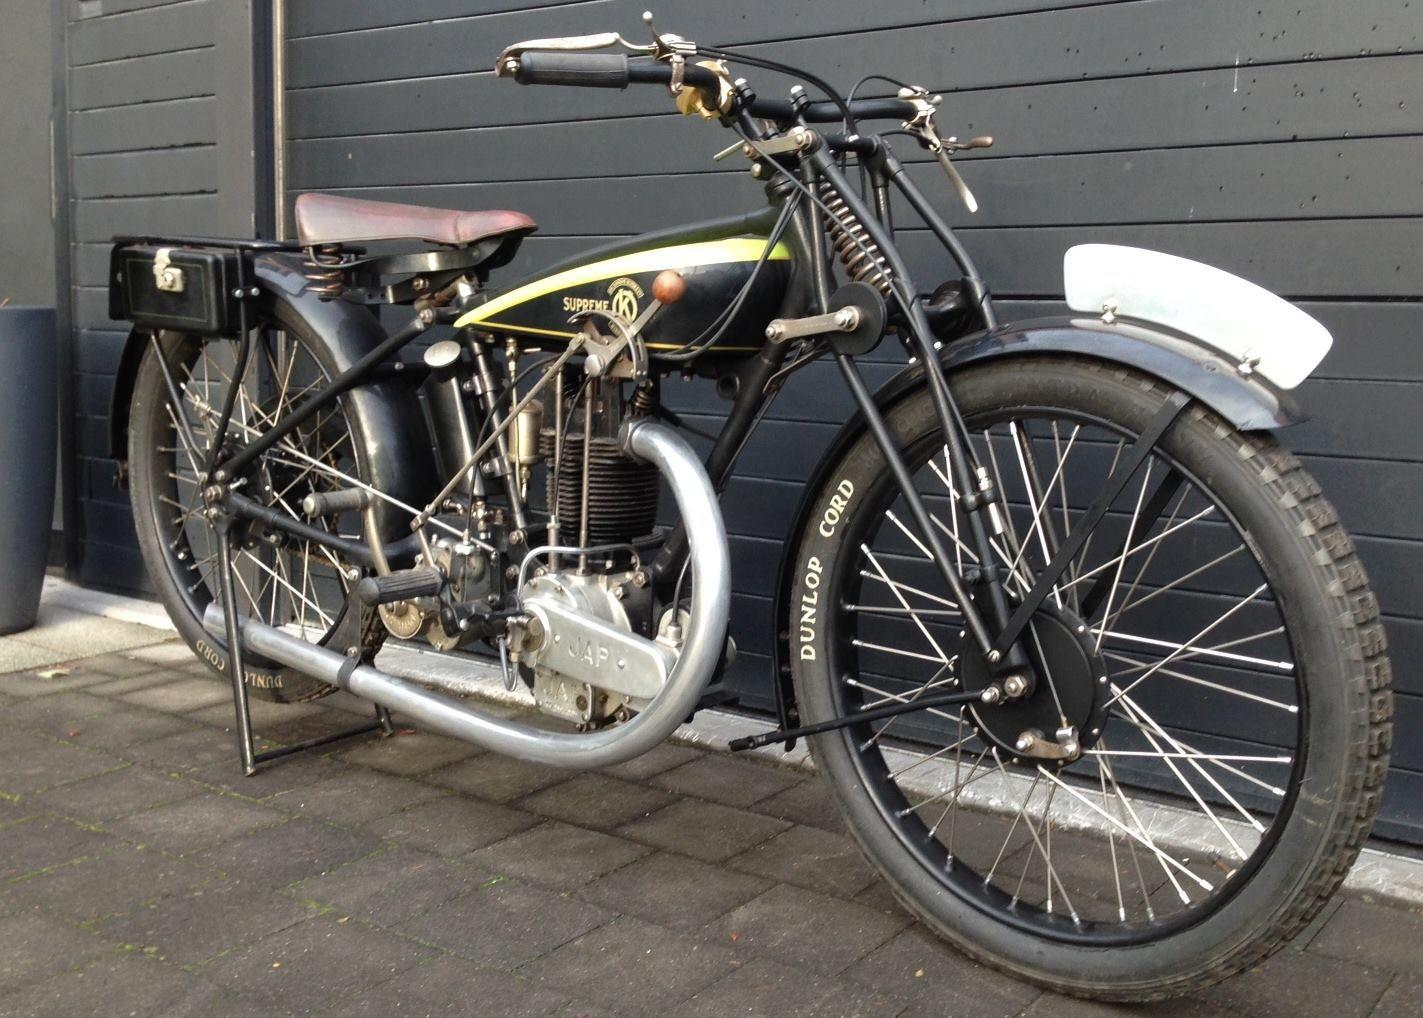 1927 OK Supreme - 350cc OHV JAP engine. | JAP | Pinterest | Supreme ...